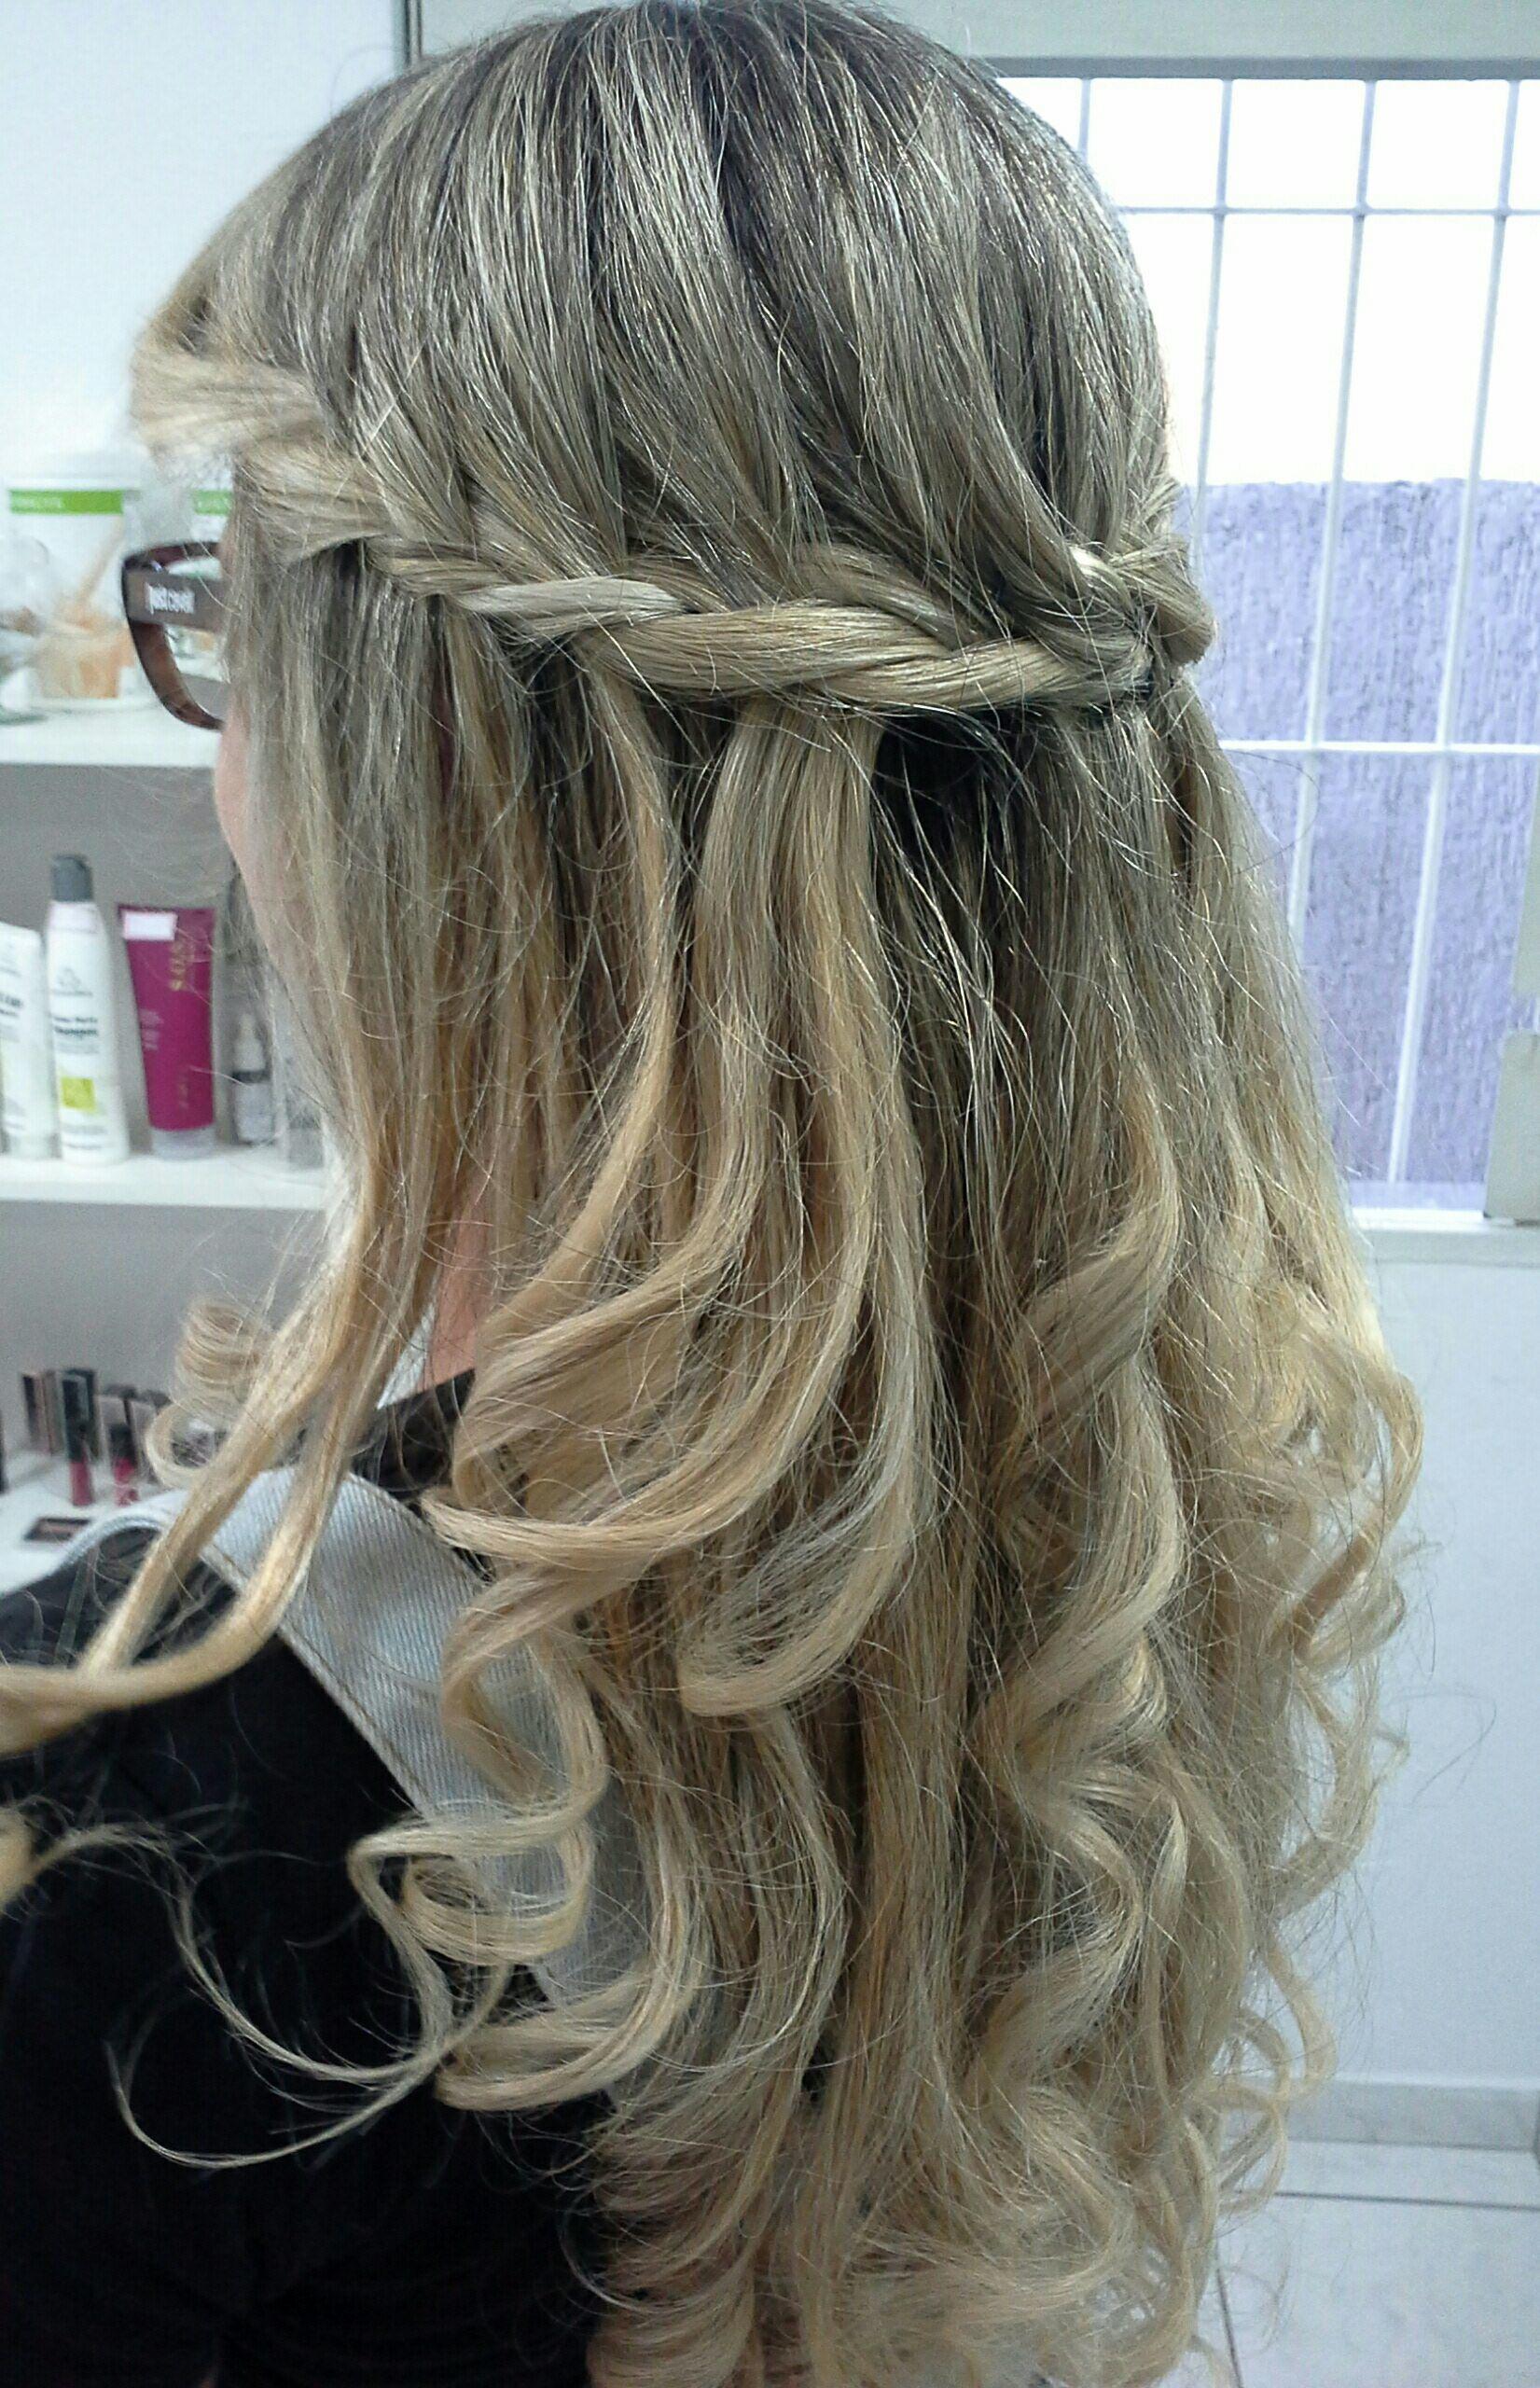 Cabelos  com cachos, e  trança  super  moderno cabelo stylist / visagista cabeleireiro(a)